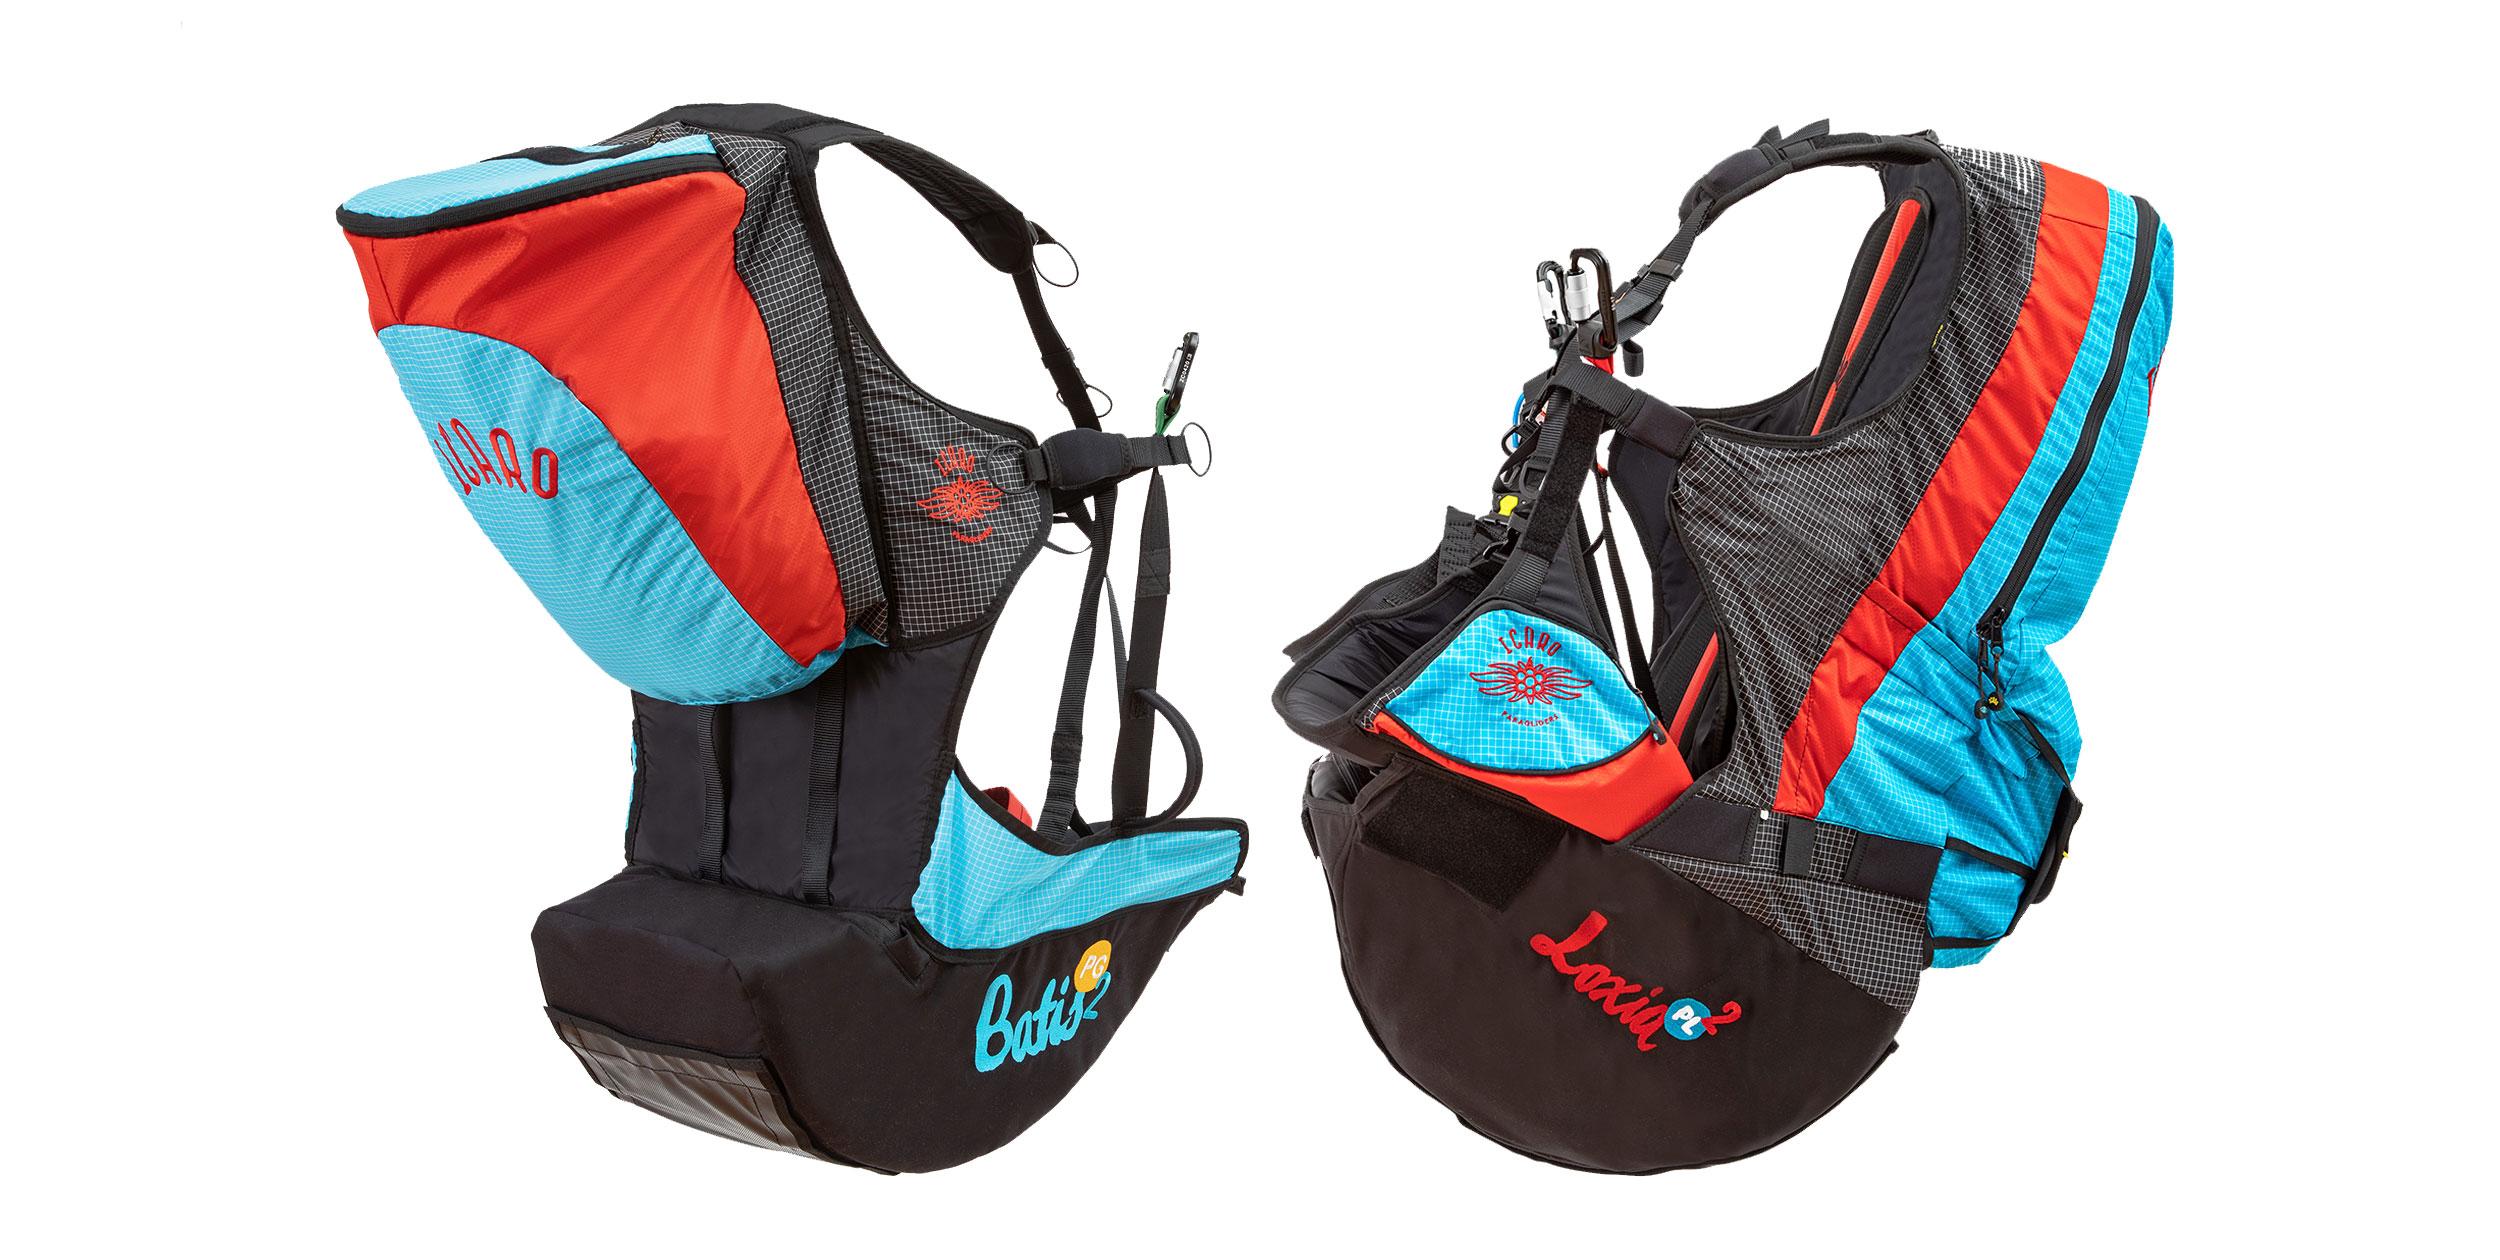 Icaro Loxia2 and Batis2 harnesses